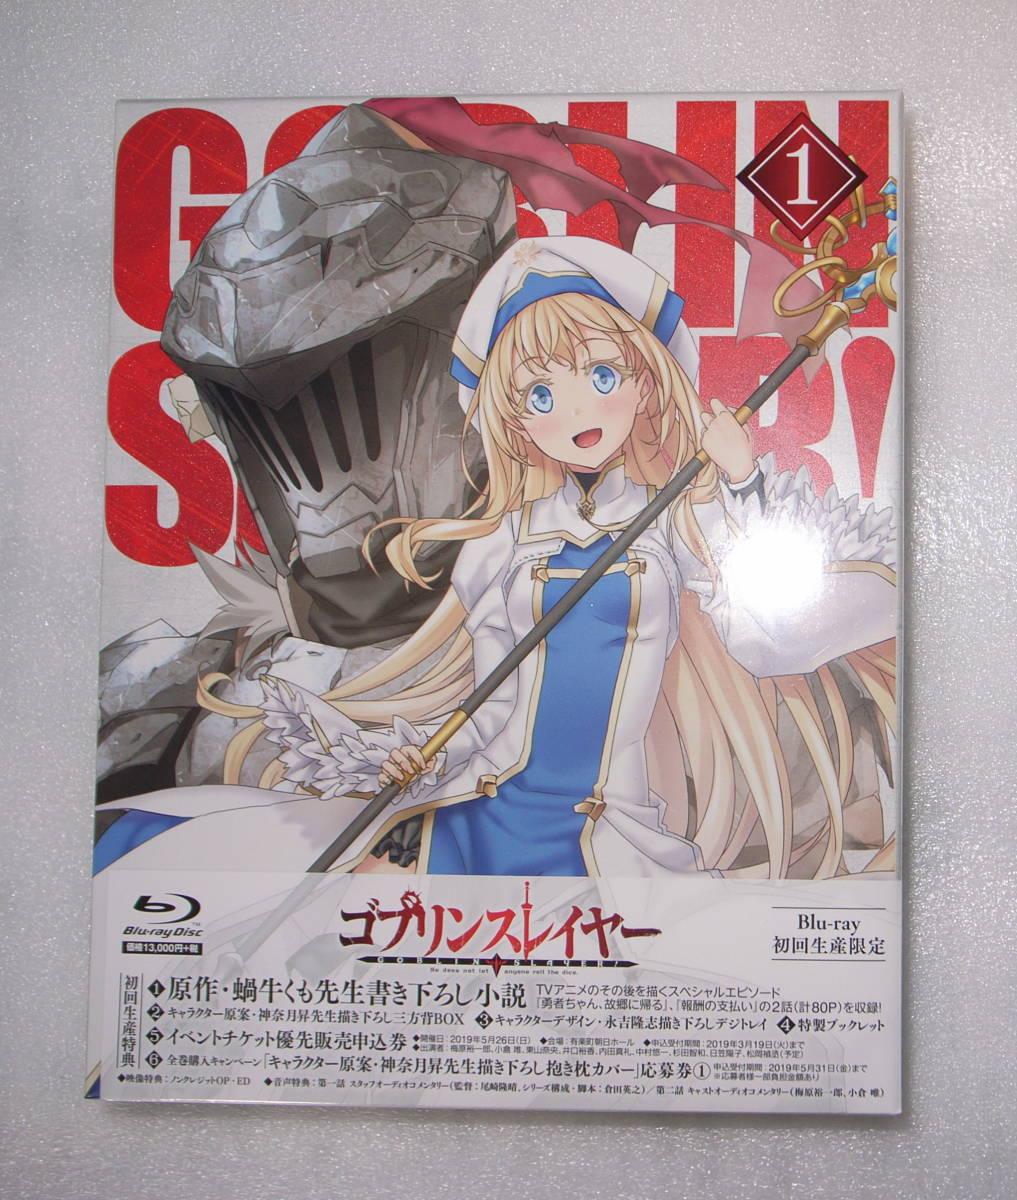 ゴブリンスレイヤー Blu-ray(BD)全巻(第1-3巻) 初回生産限定版